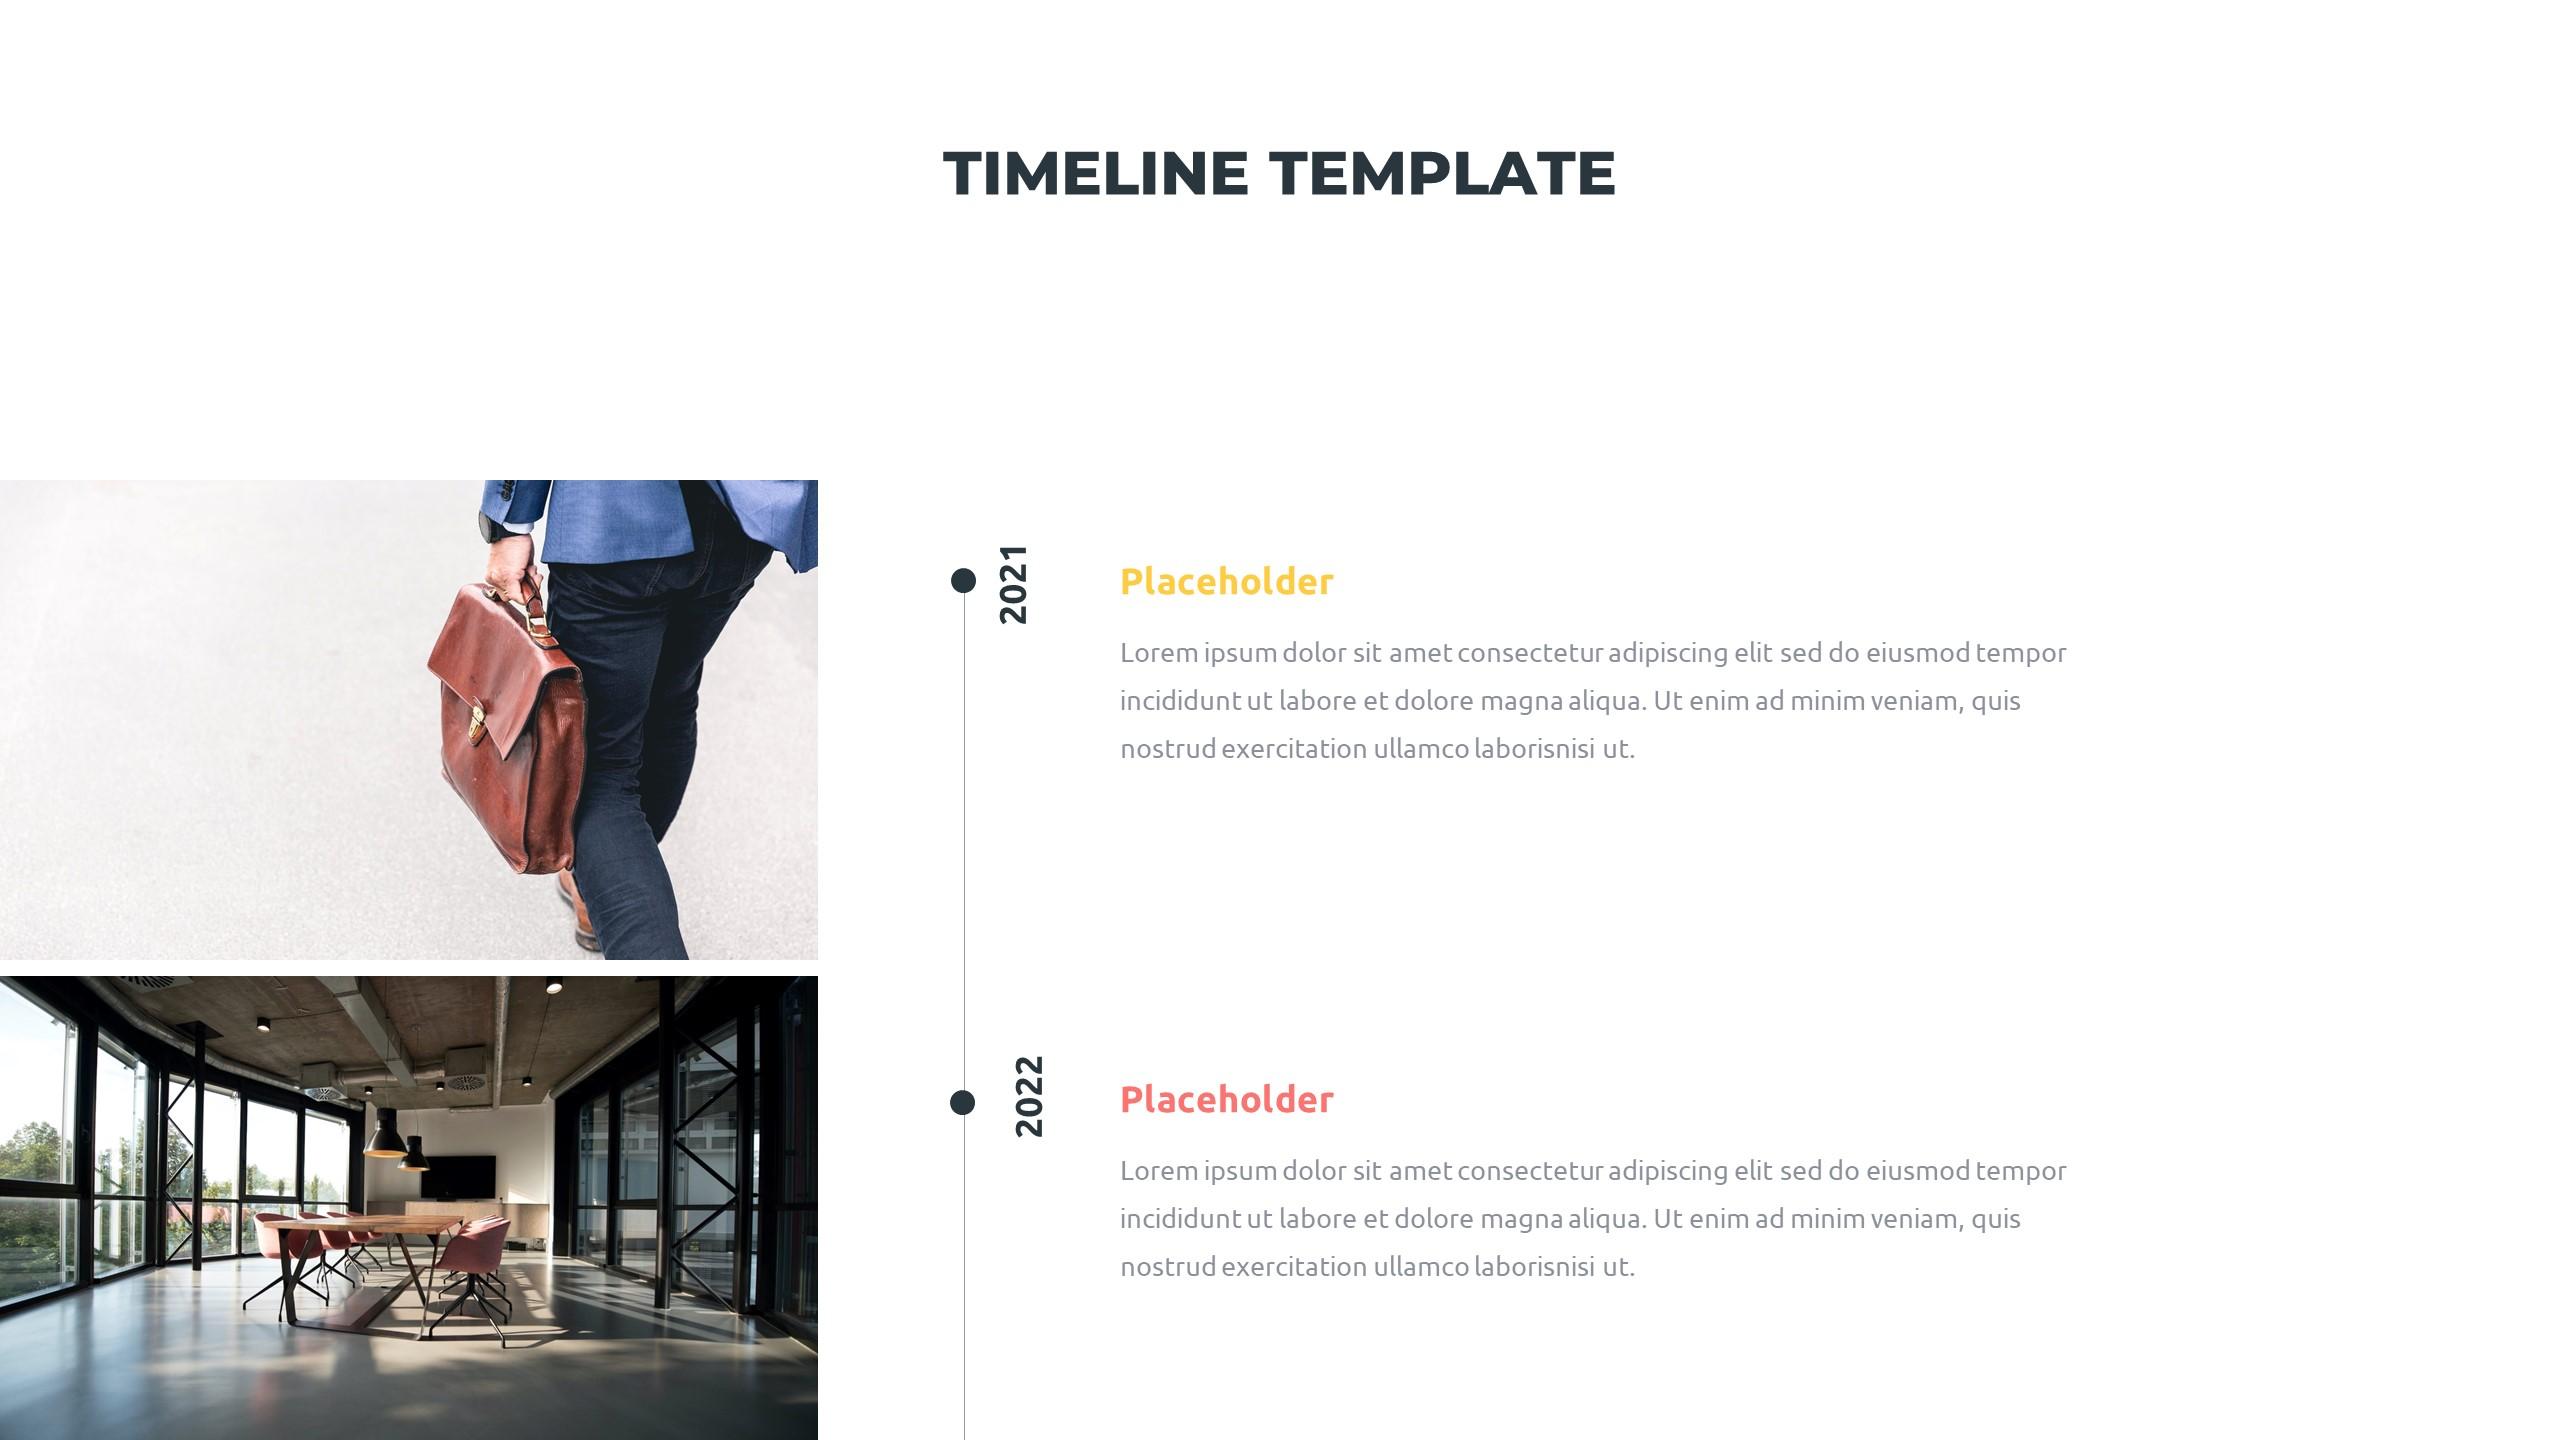 36 Timeline Presentation Templates: Powerpoint, Google Slides, Keynote - Slide13